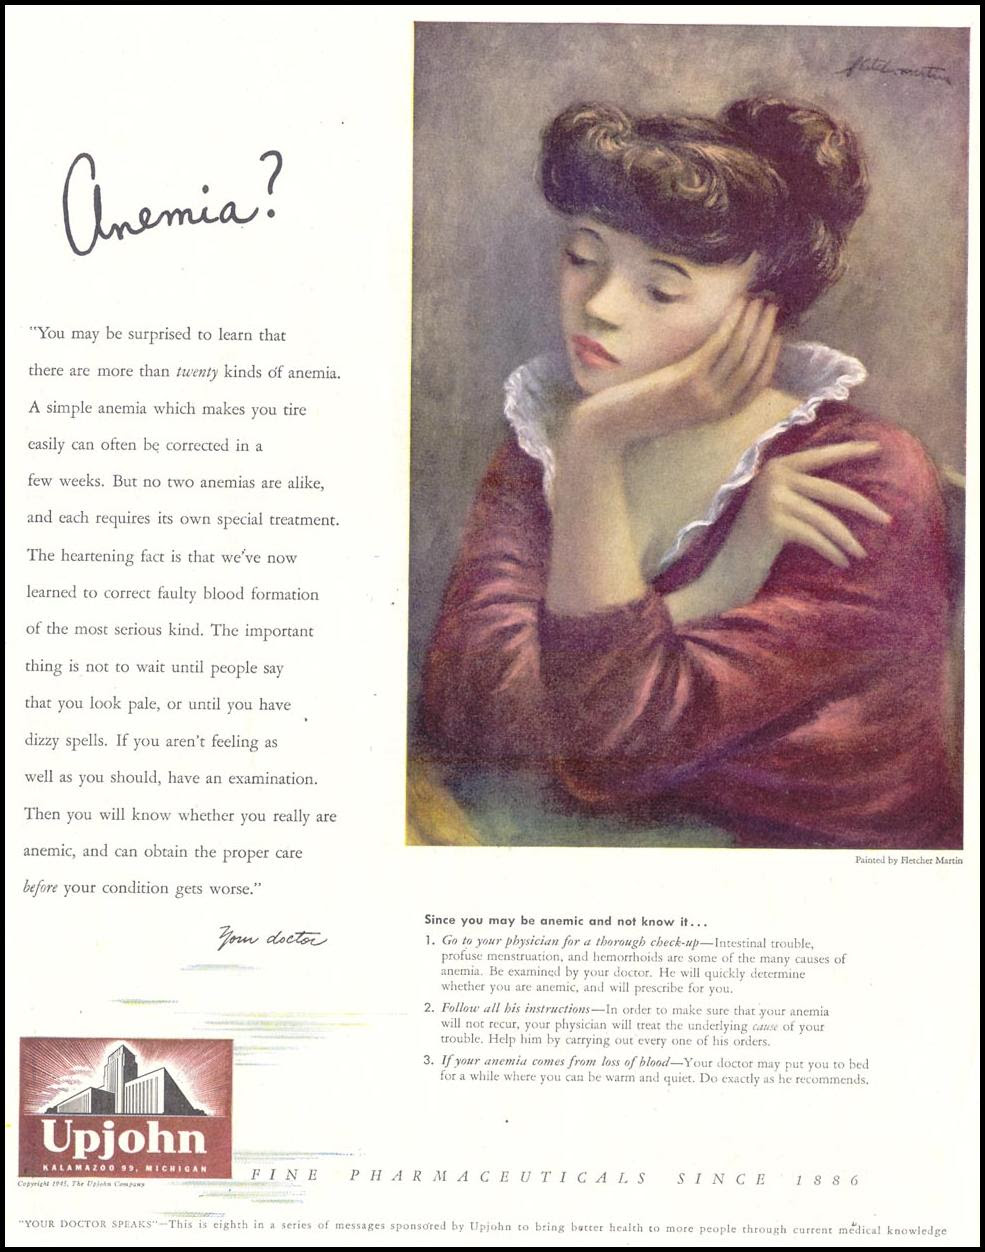 UPJOHN PHARMACEUTICALS SATURDAY EVENING POST 10/06/1945 p. 99